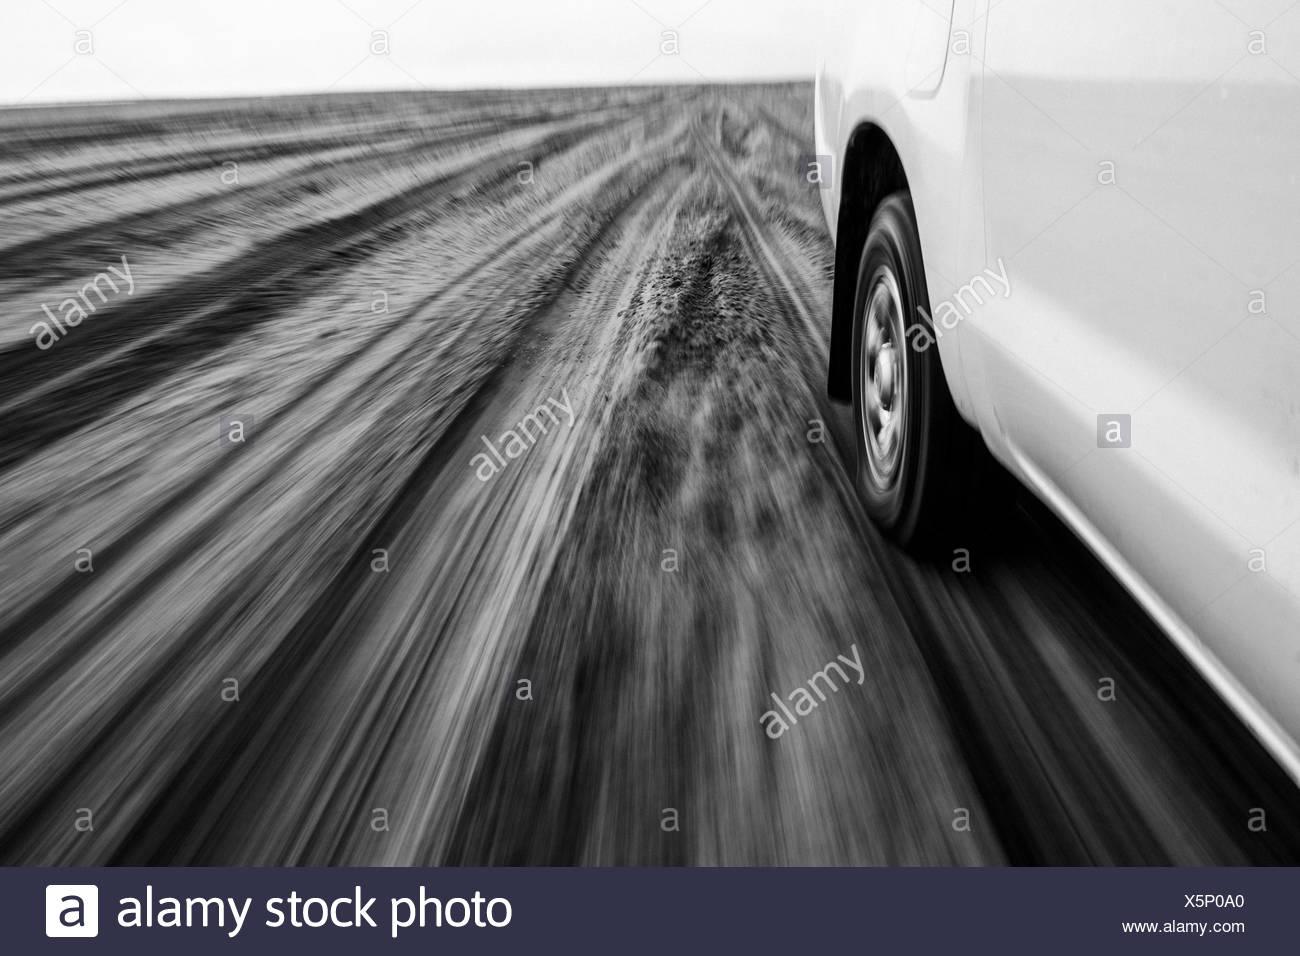 Vista desde la ventana mientras el coche de conducción rápida sobre arena. Imagen De Stock